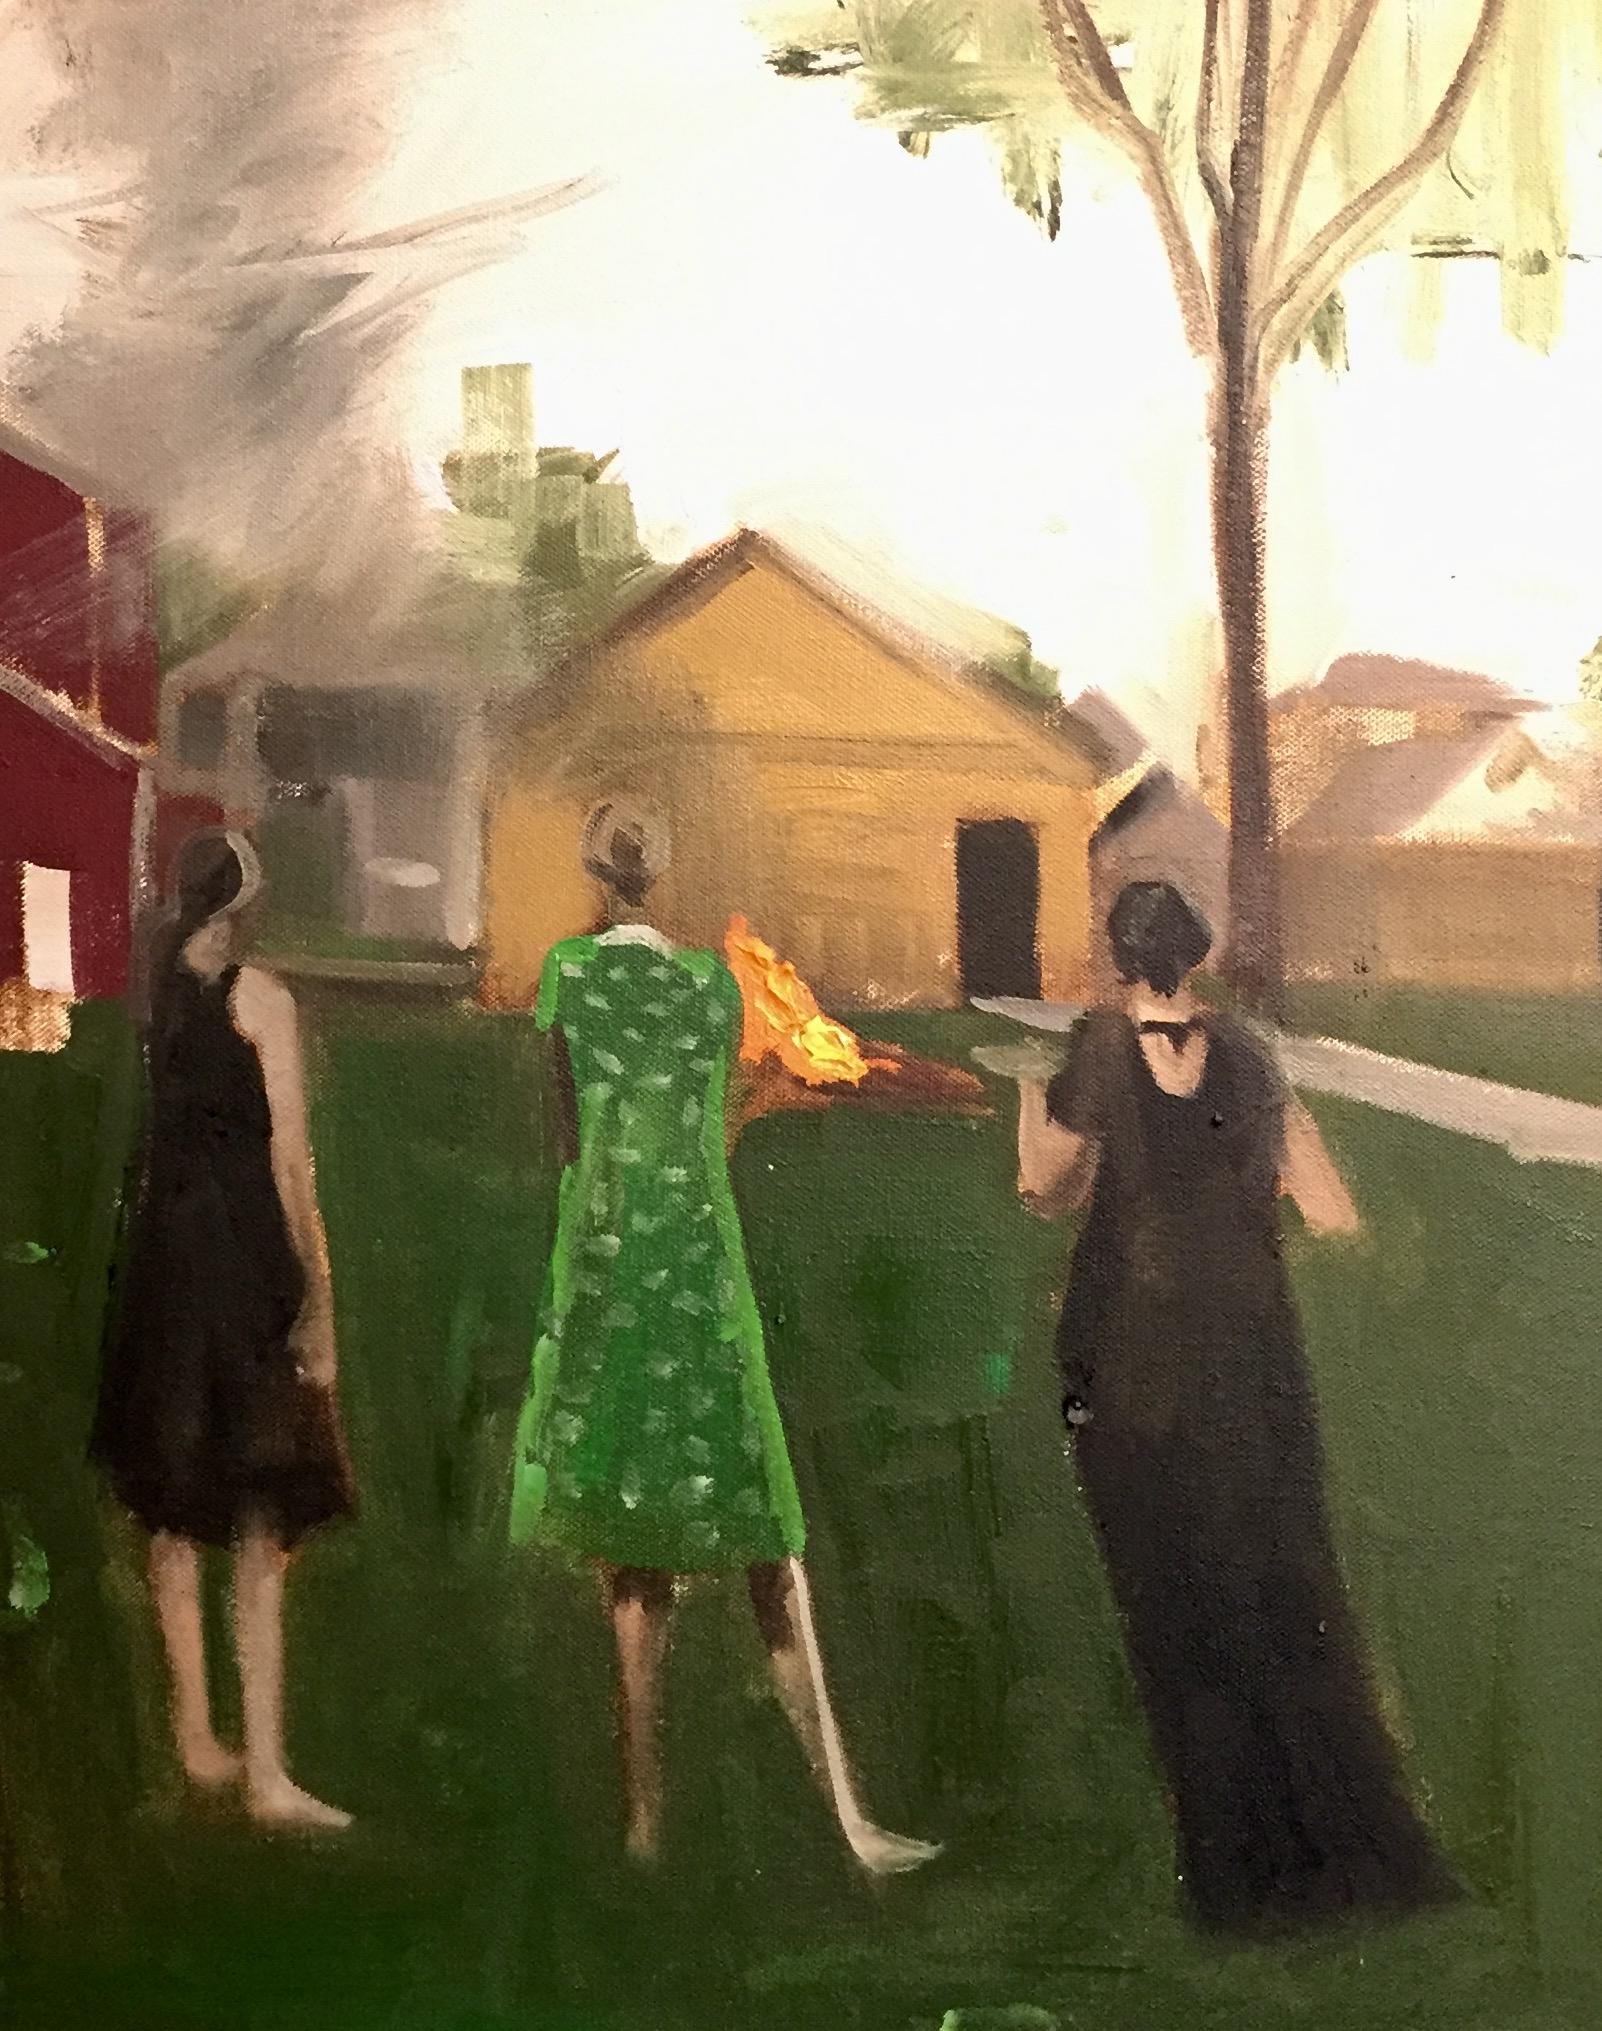 Three women gaze at burning tree